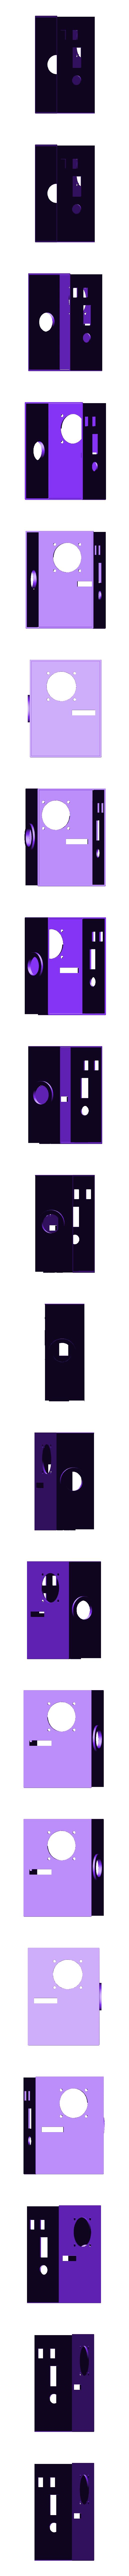 BACK.stl Télécharger fichier STL gratuit Prise en charge de l'écran Rasperry Clone • Design pour imprimante 3D, omni-moulage